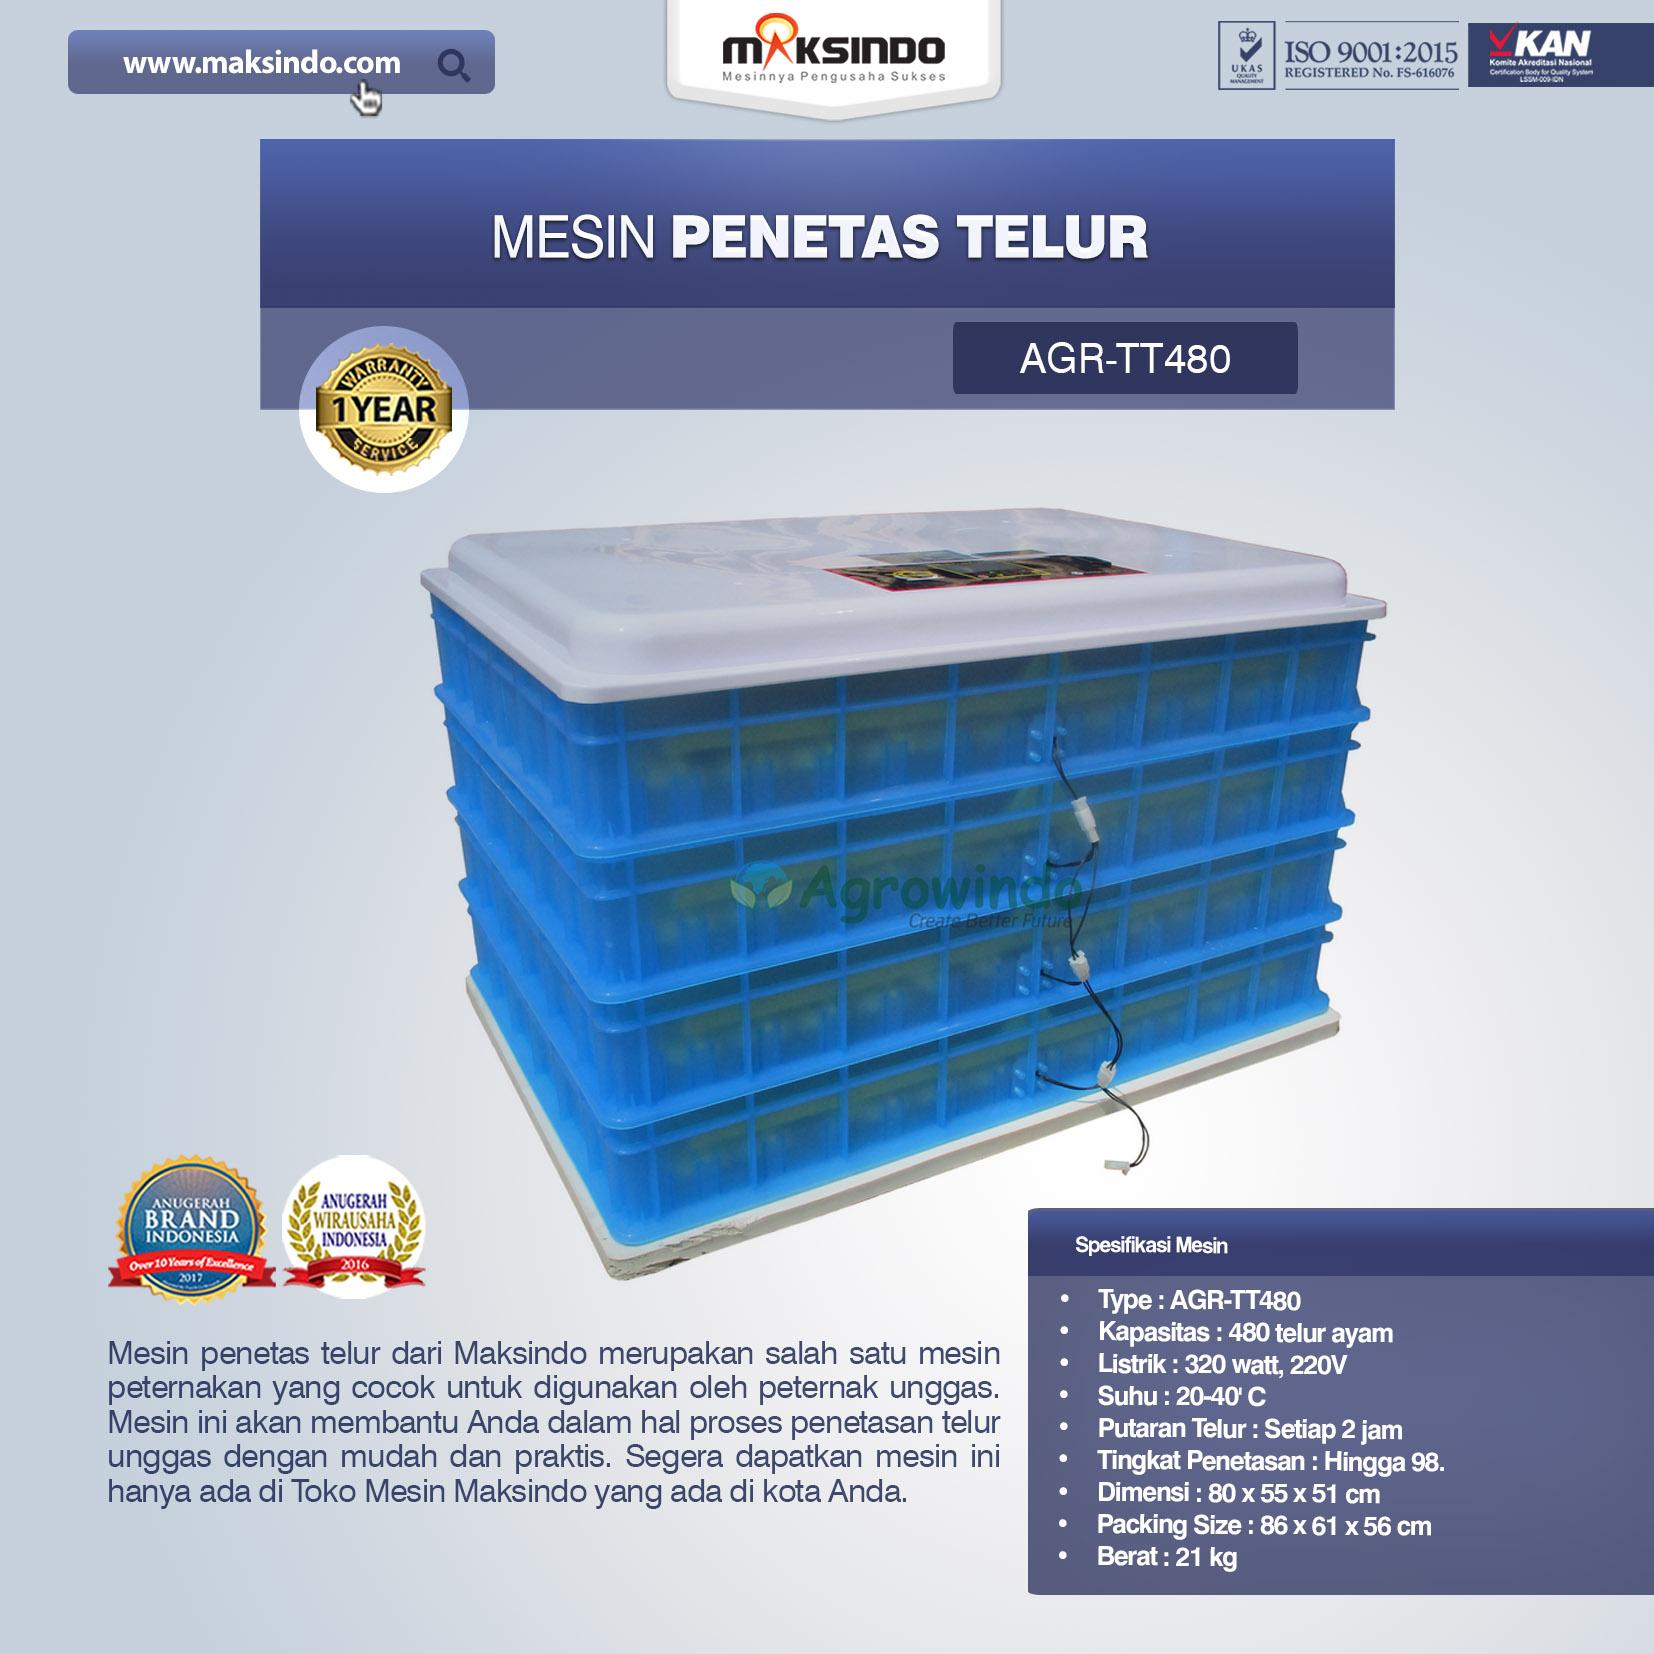 Jual Mesin Penetas Telur AGR-TT480 di Yogyakarta